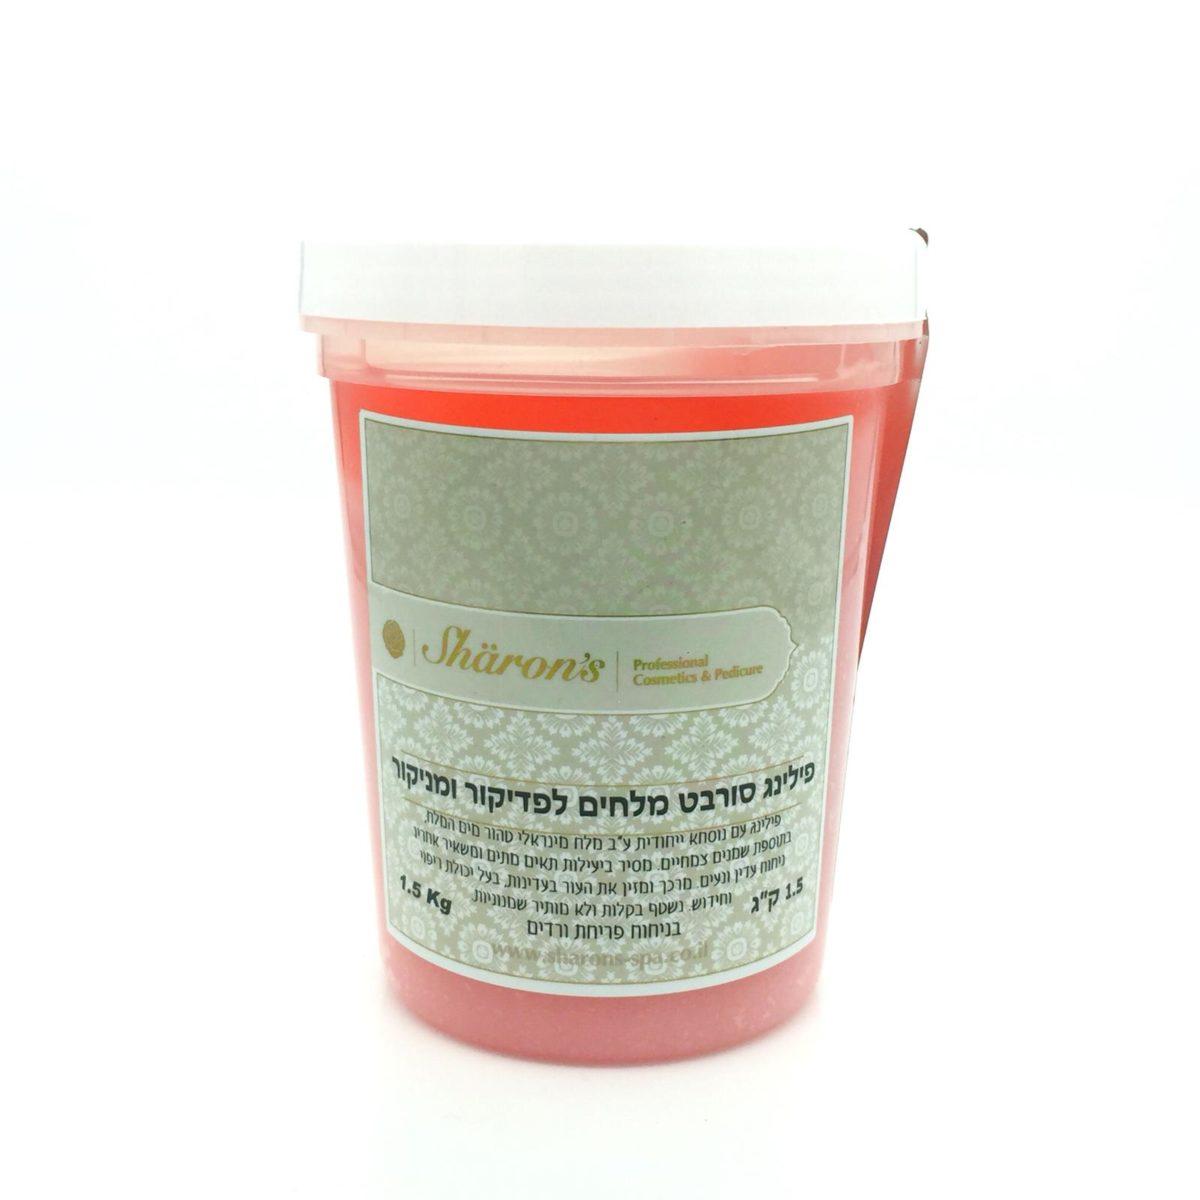 Peeling sorbet salts